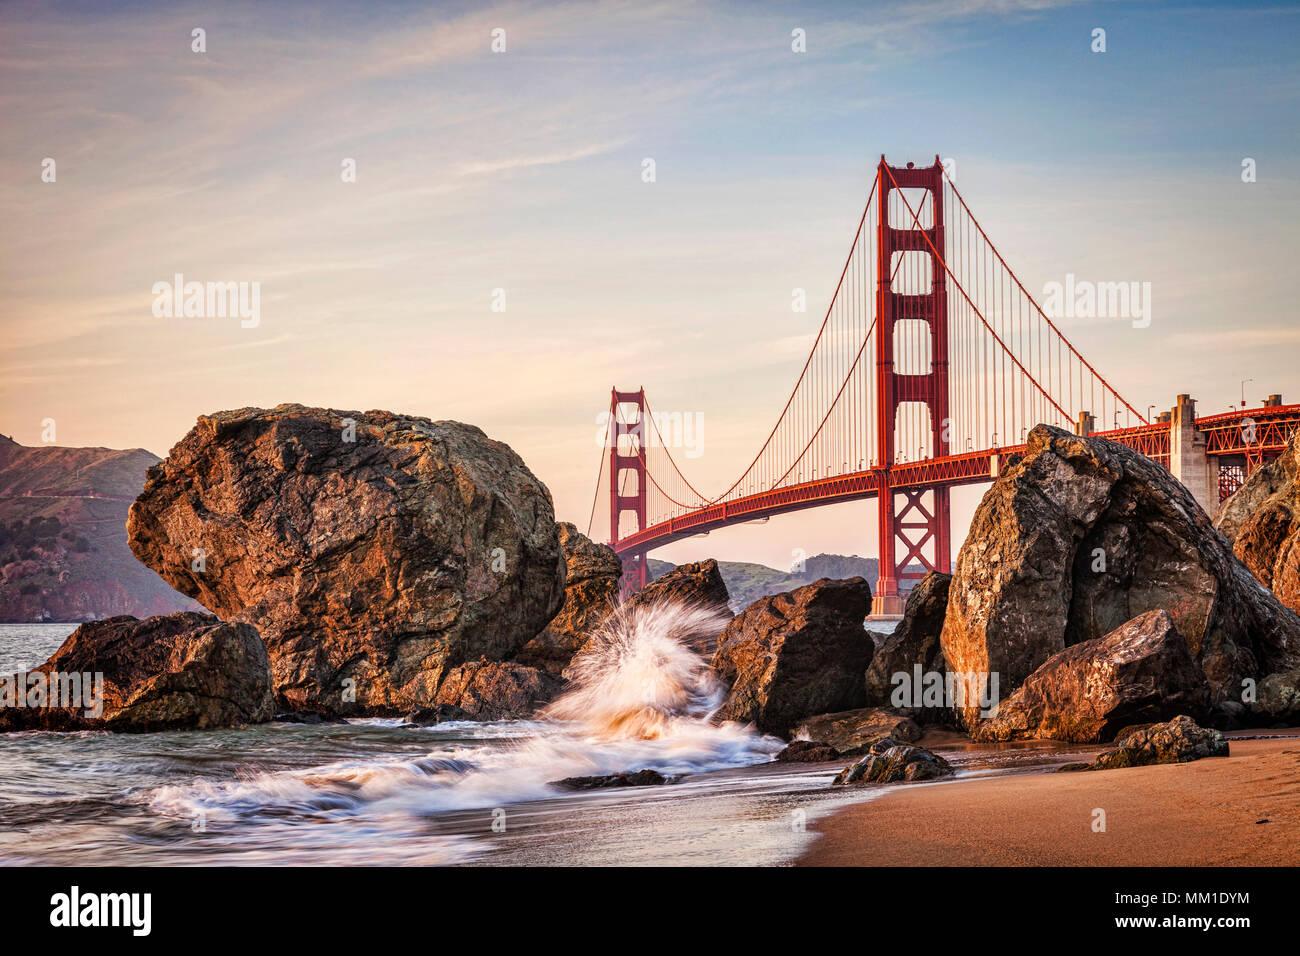 Puente Golden Gate, San Francisco, acercándose al atardecer., con una onda salpicaduras contra las rocas. Imagen De Stock